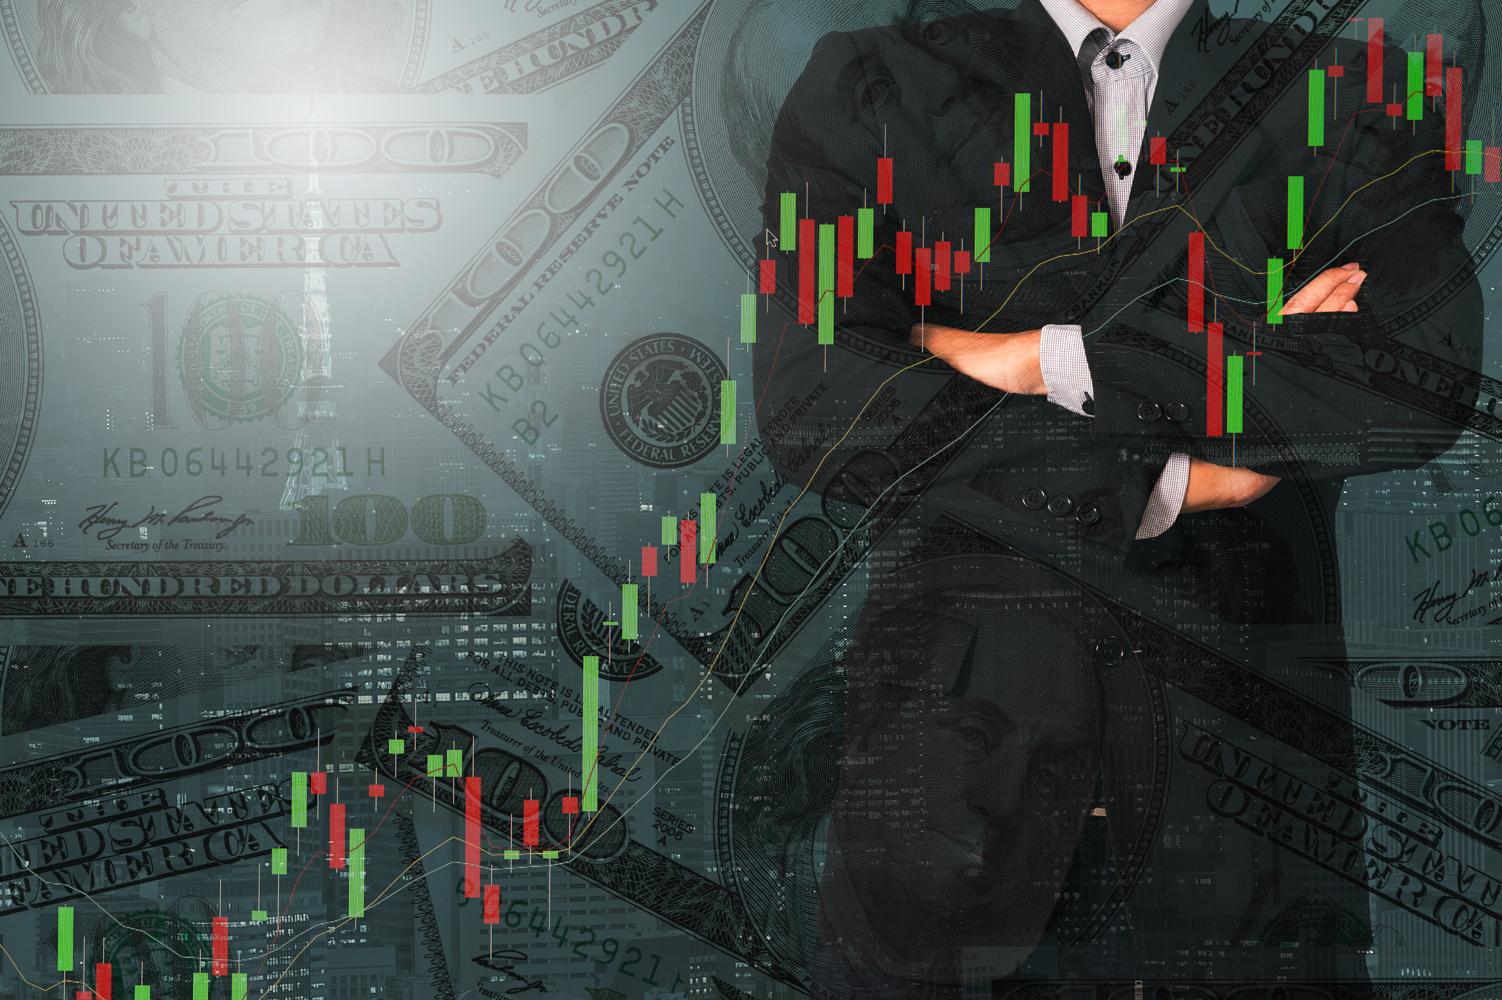 cerințe pentru opțiuni binare unde și cum să faci bani rapid în